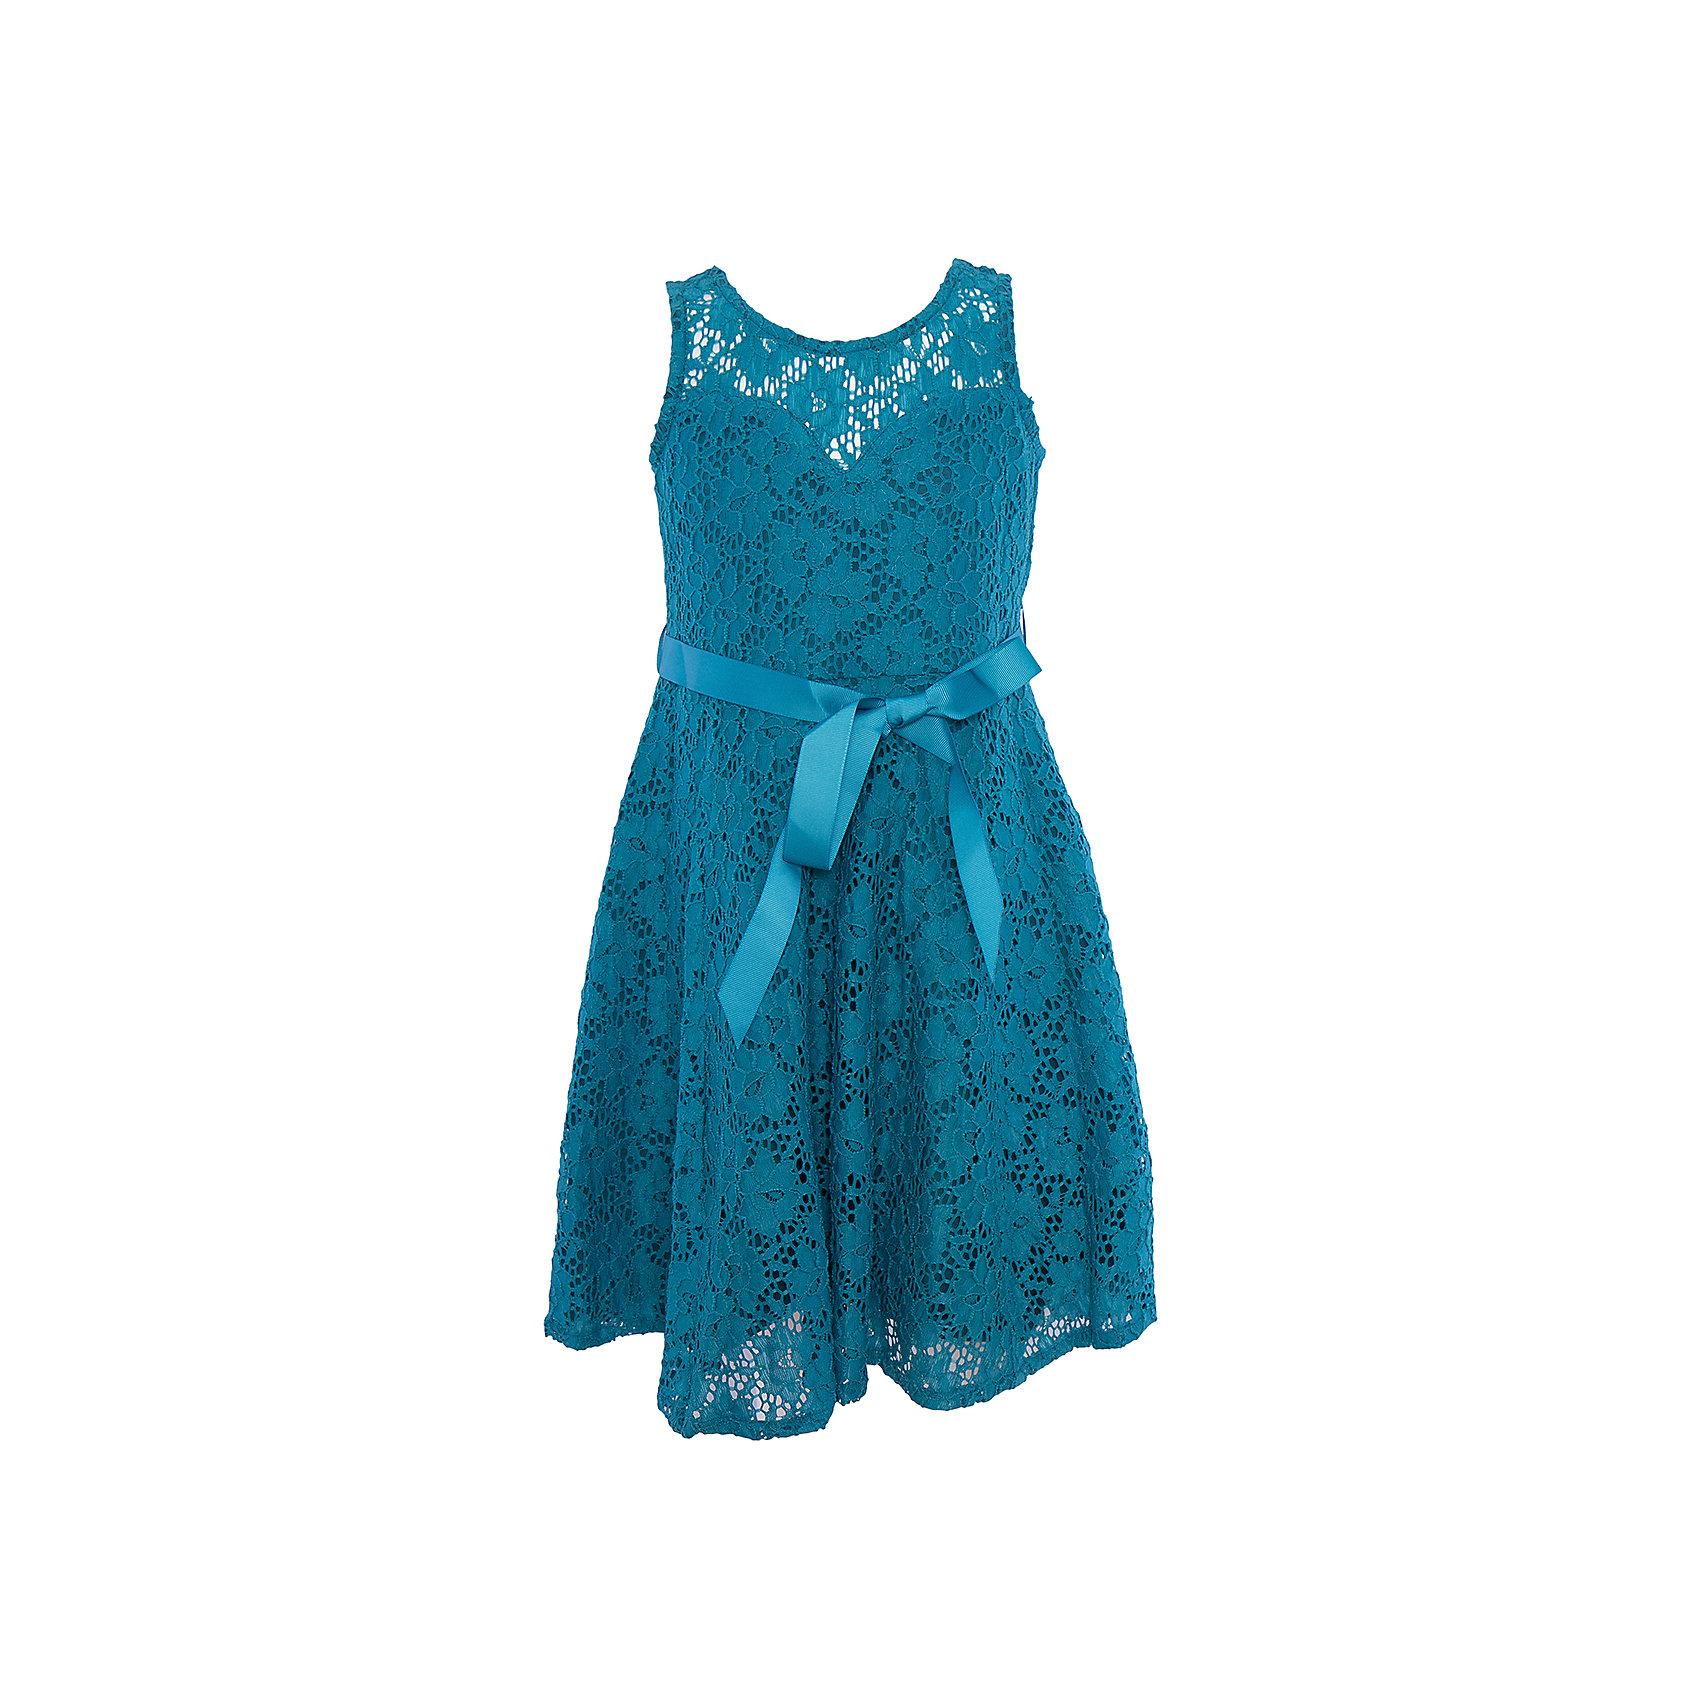 Нарядное платье для девочки LuminosoОдежда<br>Характеристики:<br><br>• Вид одежды: платье<br>• Предназначение: для праздника, торжеств<br>• Сезон: круглый год<br>• Материал: верх – 90% полиэстер, 10% эластан; подкладка – 95% хлопок, 5% эластан<br>• Цвет: цвет морской волны<br>• Силуэт: классический, прямой<br>• Длина: миди<br>• Вырез горловины: круглый<br>• Застежка: молния на спинке<br>• Особенности ухода: ручная стирка без применения отбеливающих средств, глажение при низкой температуре <br><br>Luminoso – это коллекция от известного производителя Sweet Berry, который сочетает в своей одежде функциональность, качество, стиль и следование современным мировым тенденциям в текстильной индустрии для подростков. <br>Кружевное платье для девочки от знаменитого производителя детской одежды Sweet Berry выполнено из полиэстера с хлопковым подкладка<br>ом. Изделие имеет классический прямой силуэт, полочку из кружева с фигурной подкладкой и застежку-молнию на спинке. Платье выполнено в модном оттенке цвета морской волны, в комплекте предусмотрен репсовый пояс. Праздничное платье от Luminoso – это залог успеха вашего ребенка на любом торжестве!<br><br>Платье для девочки Luminoso можно купить в нашем интернет-магазине.<br><br>Ширина мм: 236<br>Глубина мм: 16<br>Высота мм: 184<br>Вес г: 177<br>Цвет: голубой<br>Возраст от месяцев: 144<br>Возраст до месяцев: 156<br>Пол: Женский<br>Возраст: Детский<br>Размер: 158,134,140,146,152,164<br>SKU: 5052035